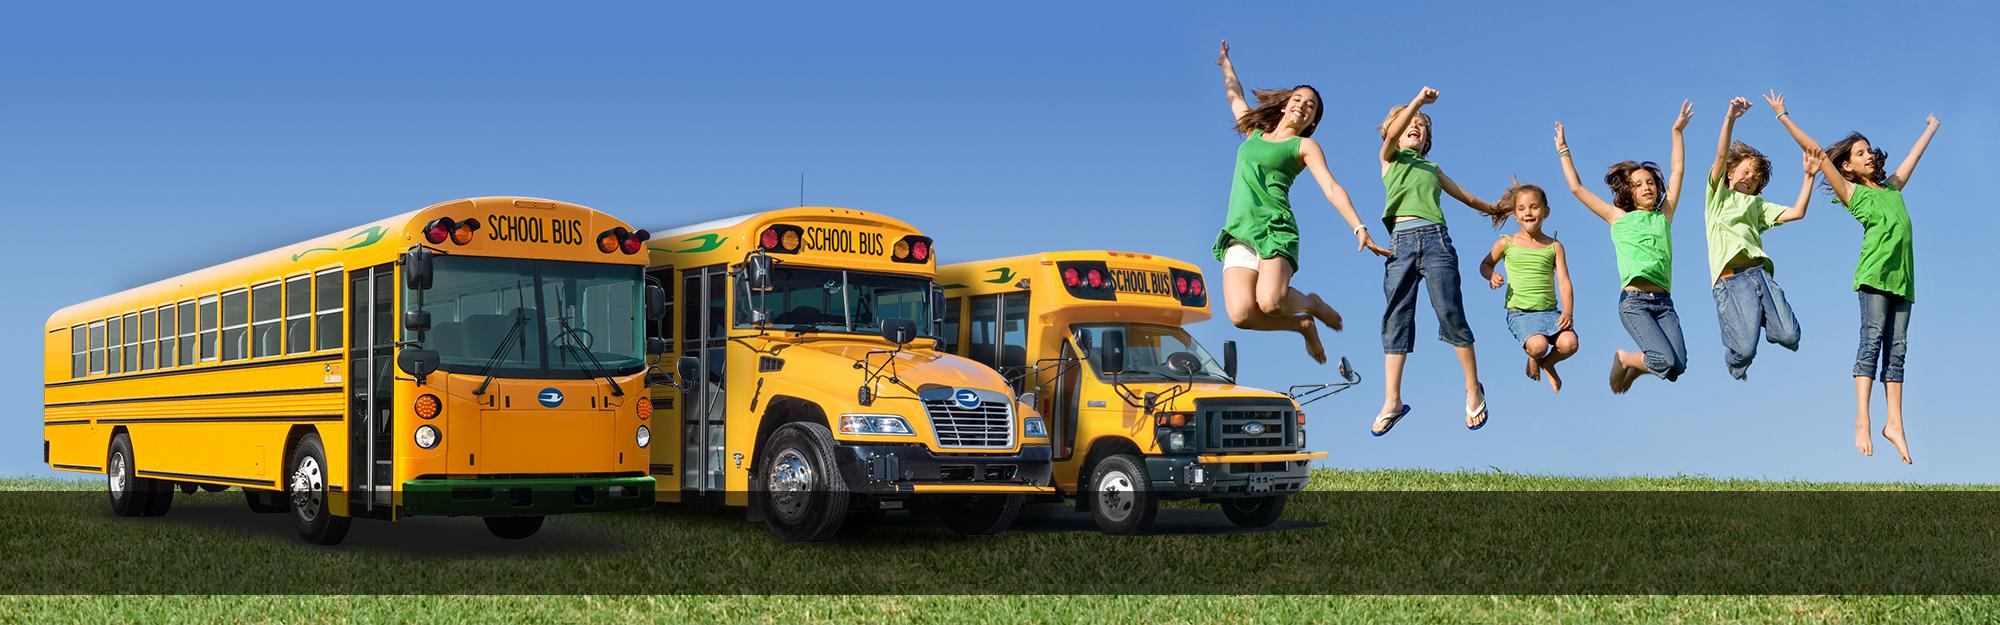 A-Z Bus Electric School Bus Header Image